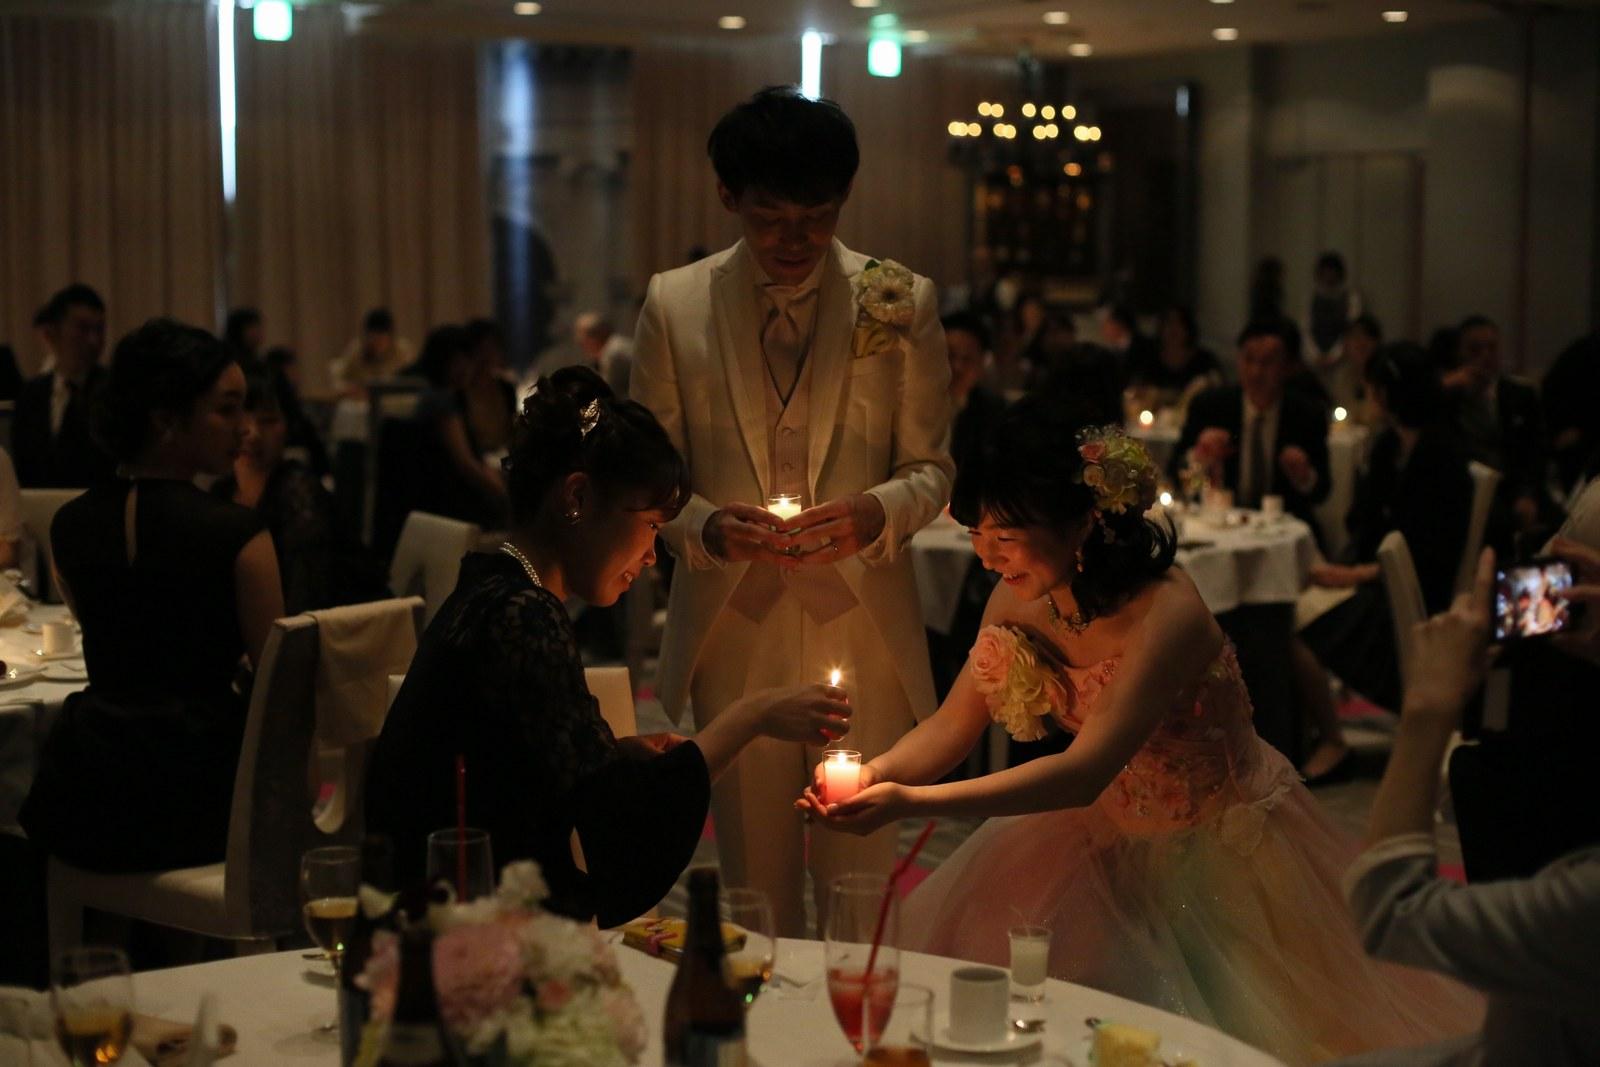 徳島市の結婚式場ブランアンジュで披露宴でのロマンチックなキャンドルリレー